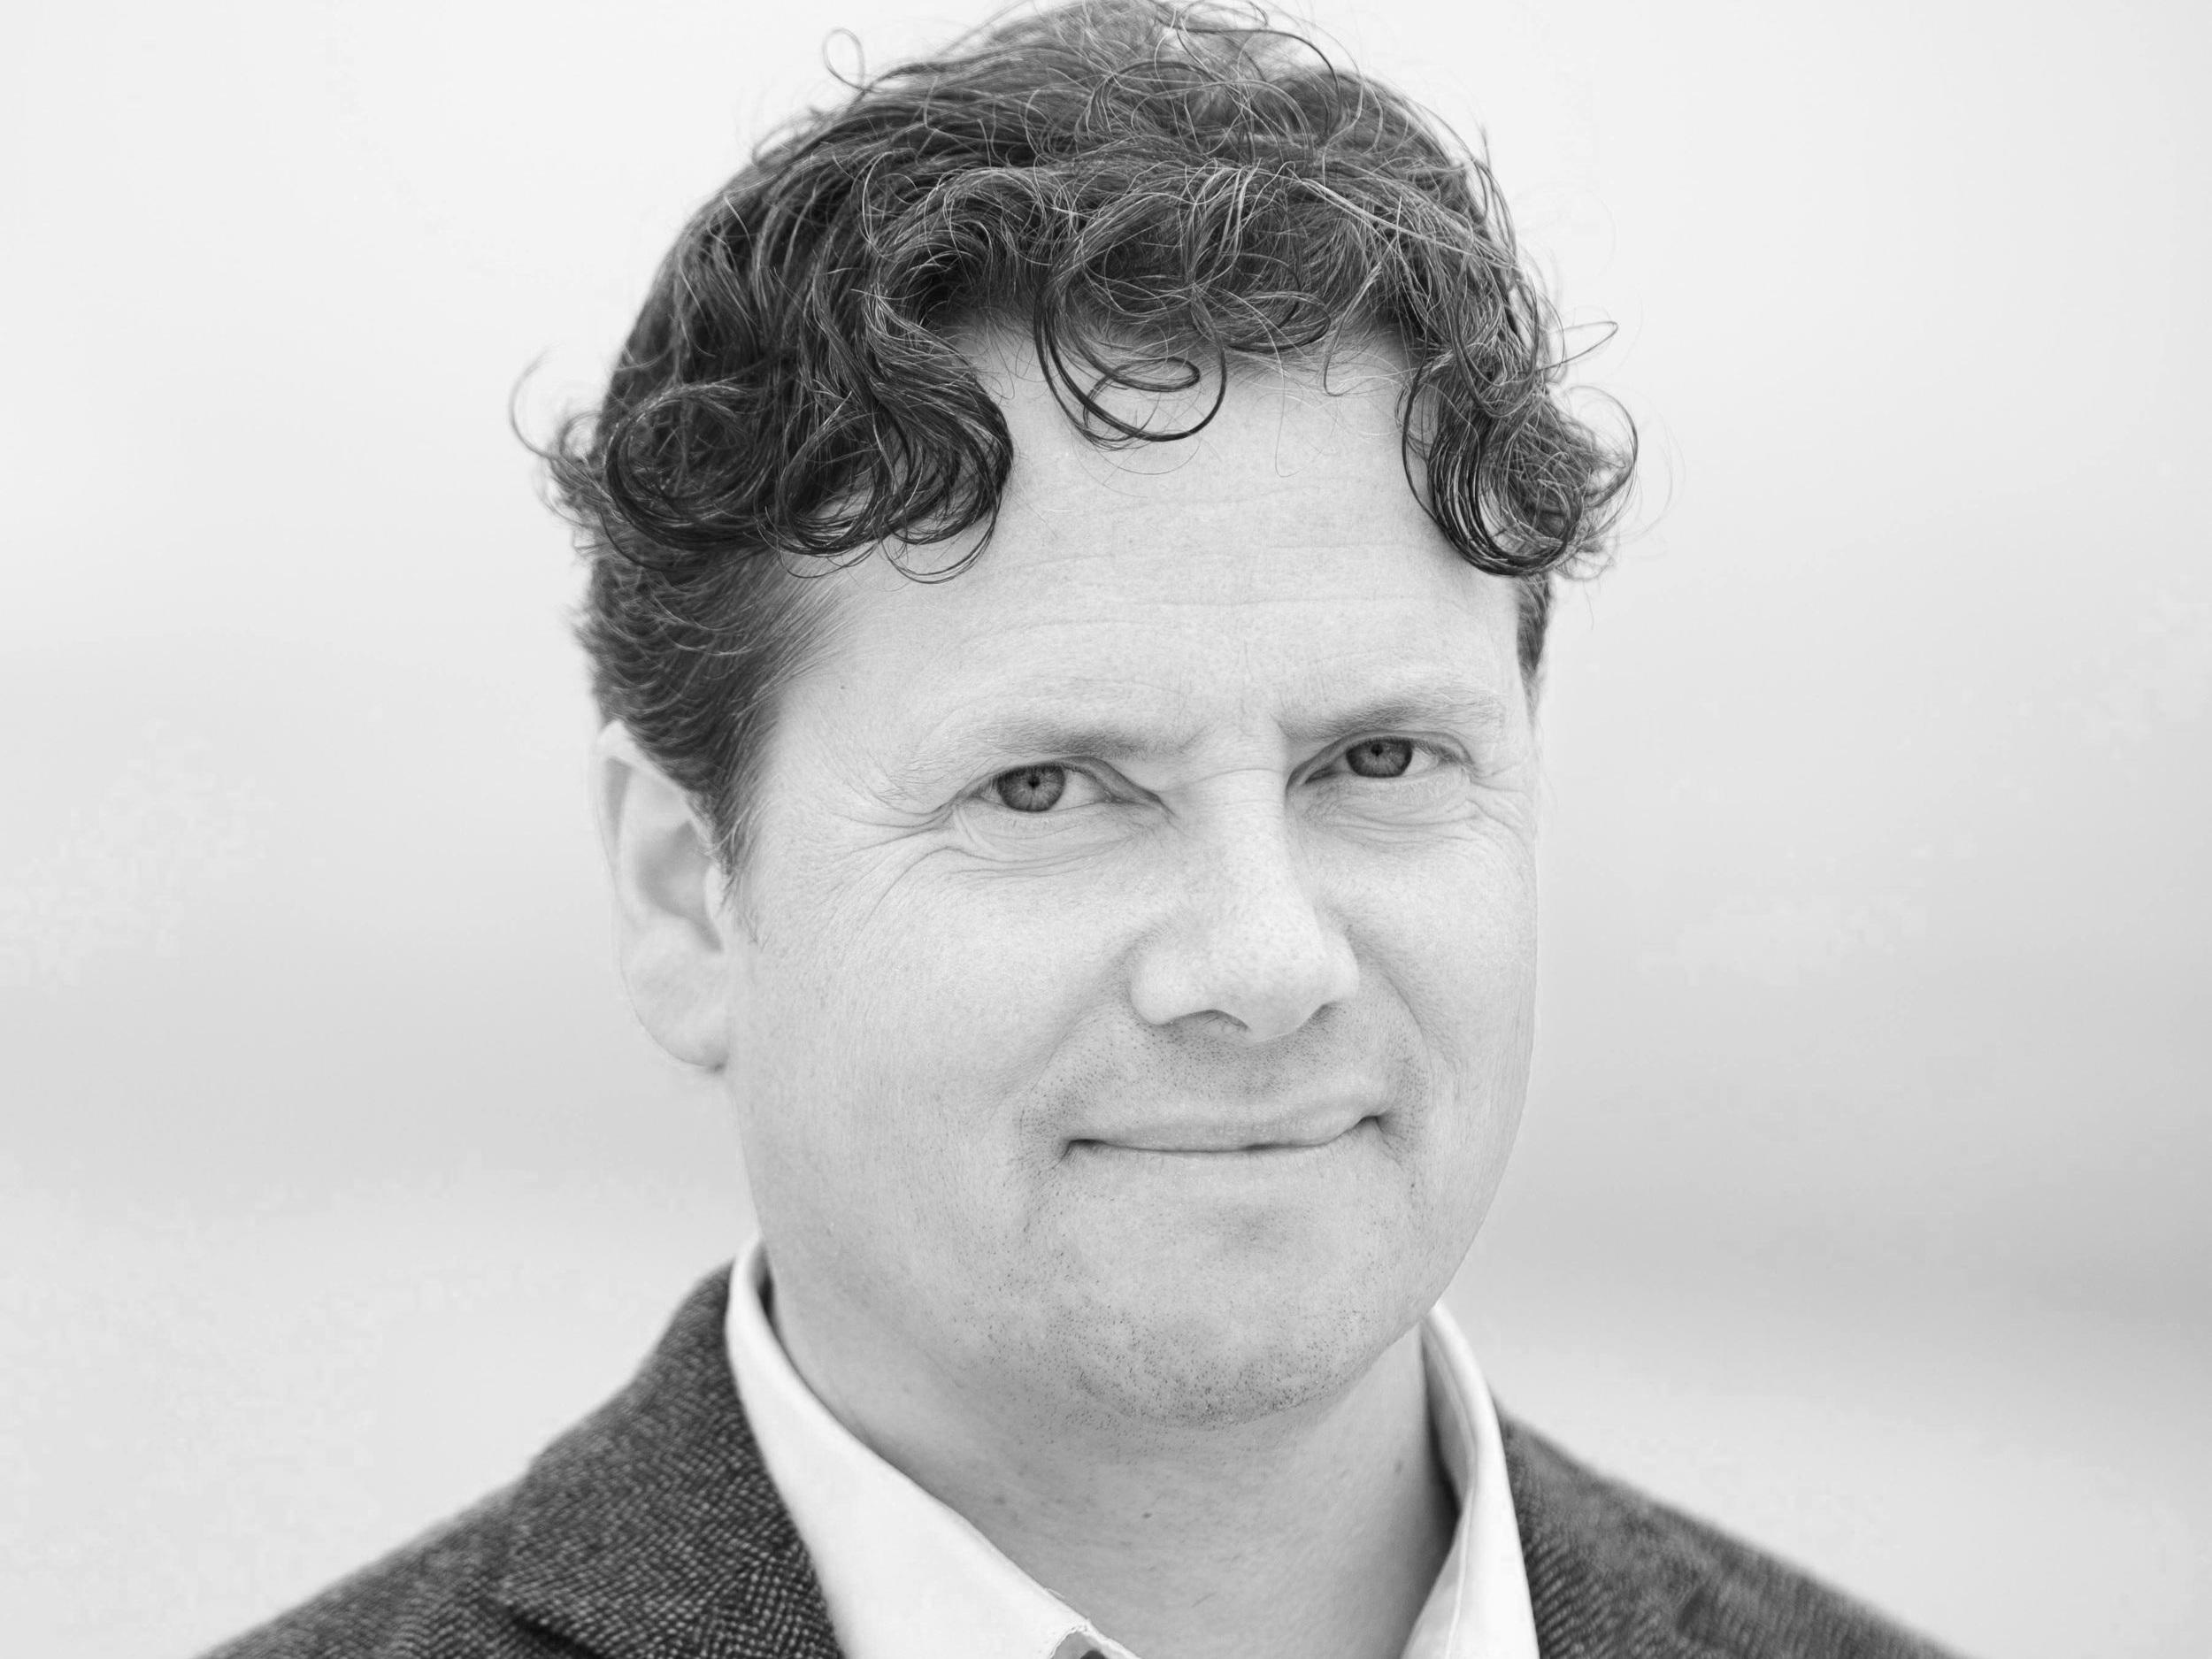 Geir Olve Skeie - er nevrolog, PhD, overlege ved Nevrologisk avdeling, Haukeland universitetssjukehus, og professor II ved Griegakademiet, hvor han underviser om musikk og hjernen. Han er i tillegg utdannet pianist fra Griegakademiet i Bergen, der han studerte med Jiri Hlinka. Skeie har over 100 internasjonale publikasjoner, og har blant annet forsket på musikkens påvirkning på hjernen og bruk av musikk ved Parkinsons sykdom og hjerneskader.